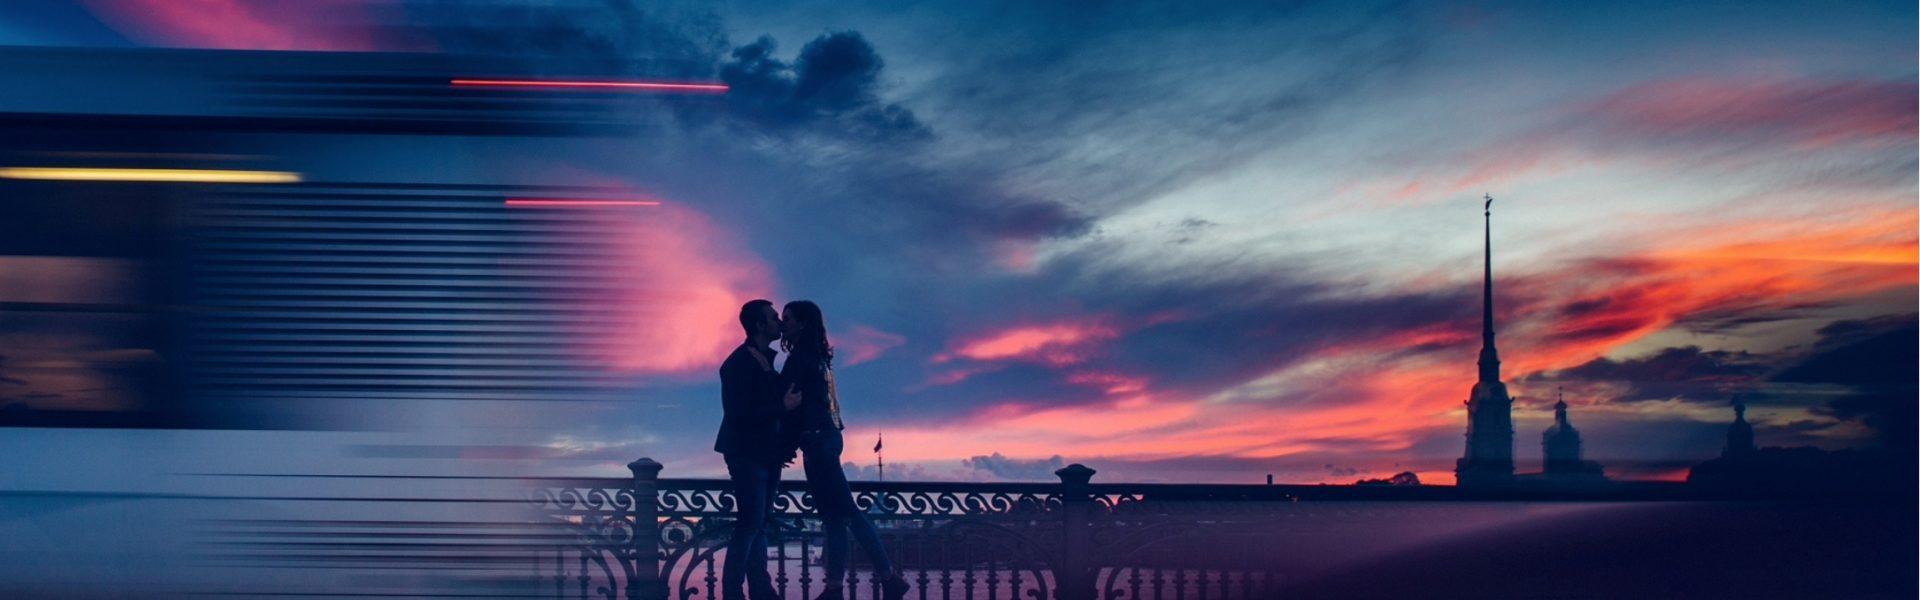 Saint-Pétersbourg romantique